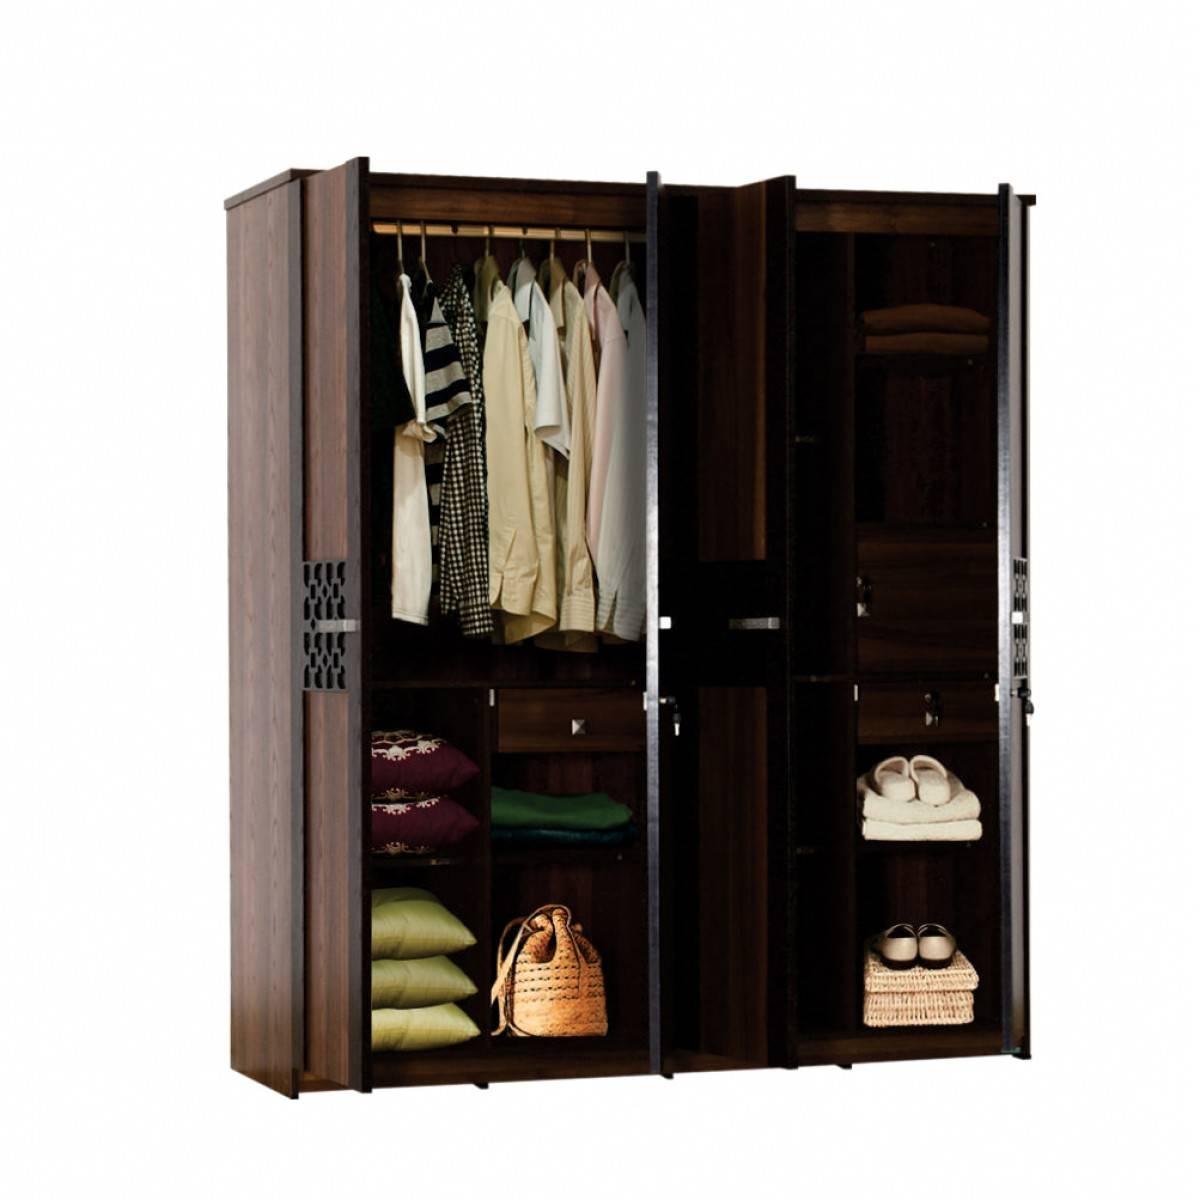 Carvin 4 Door Wardrobe   Damro for Wardrobes With 4 Doors (Image 4 of 15)